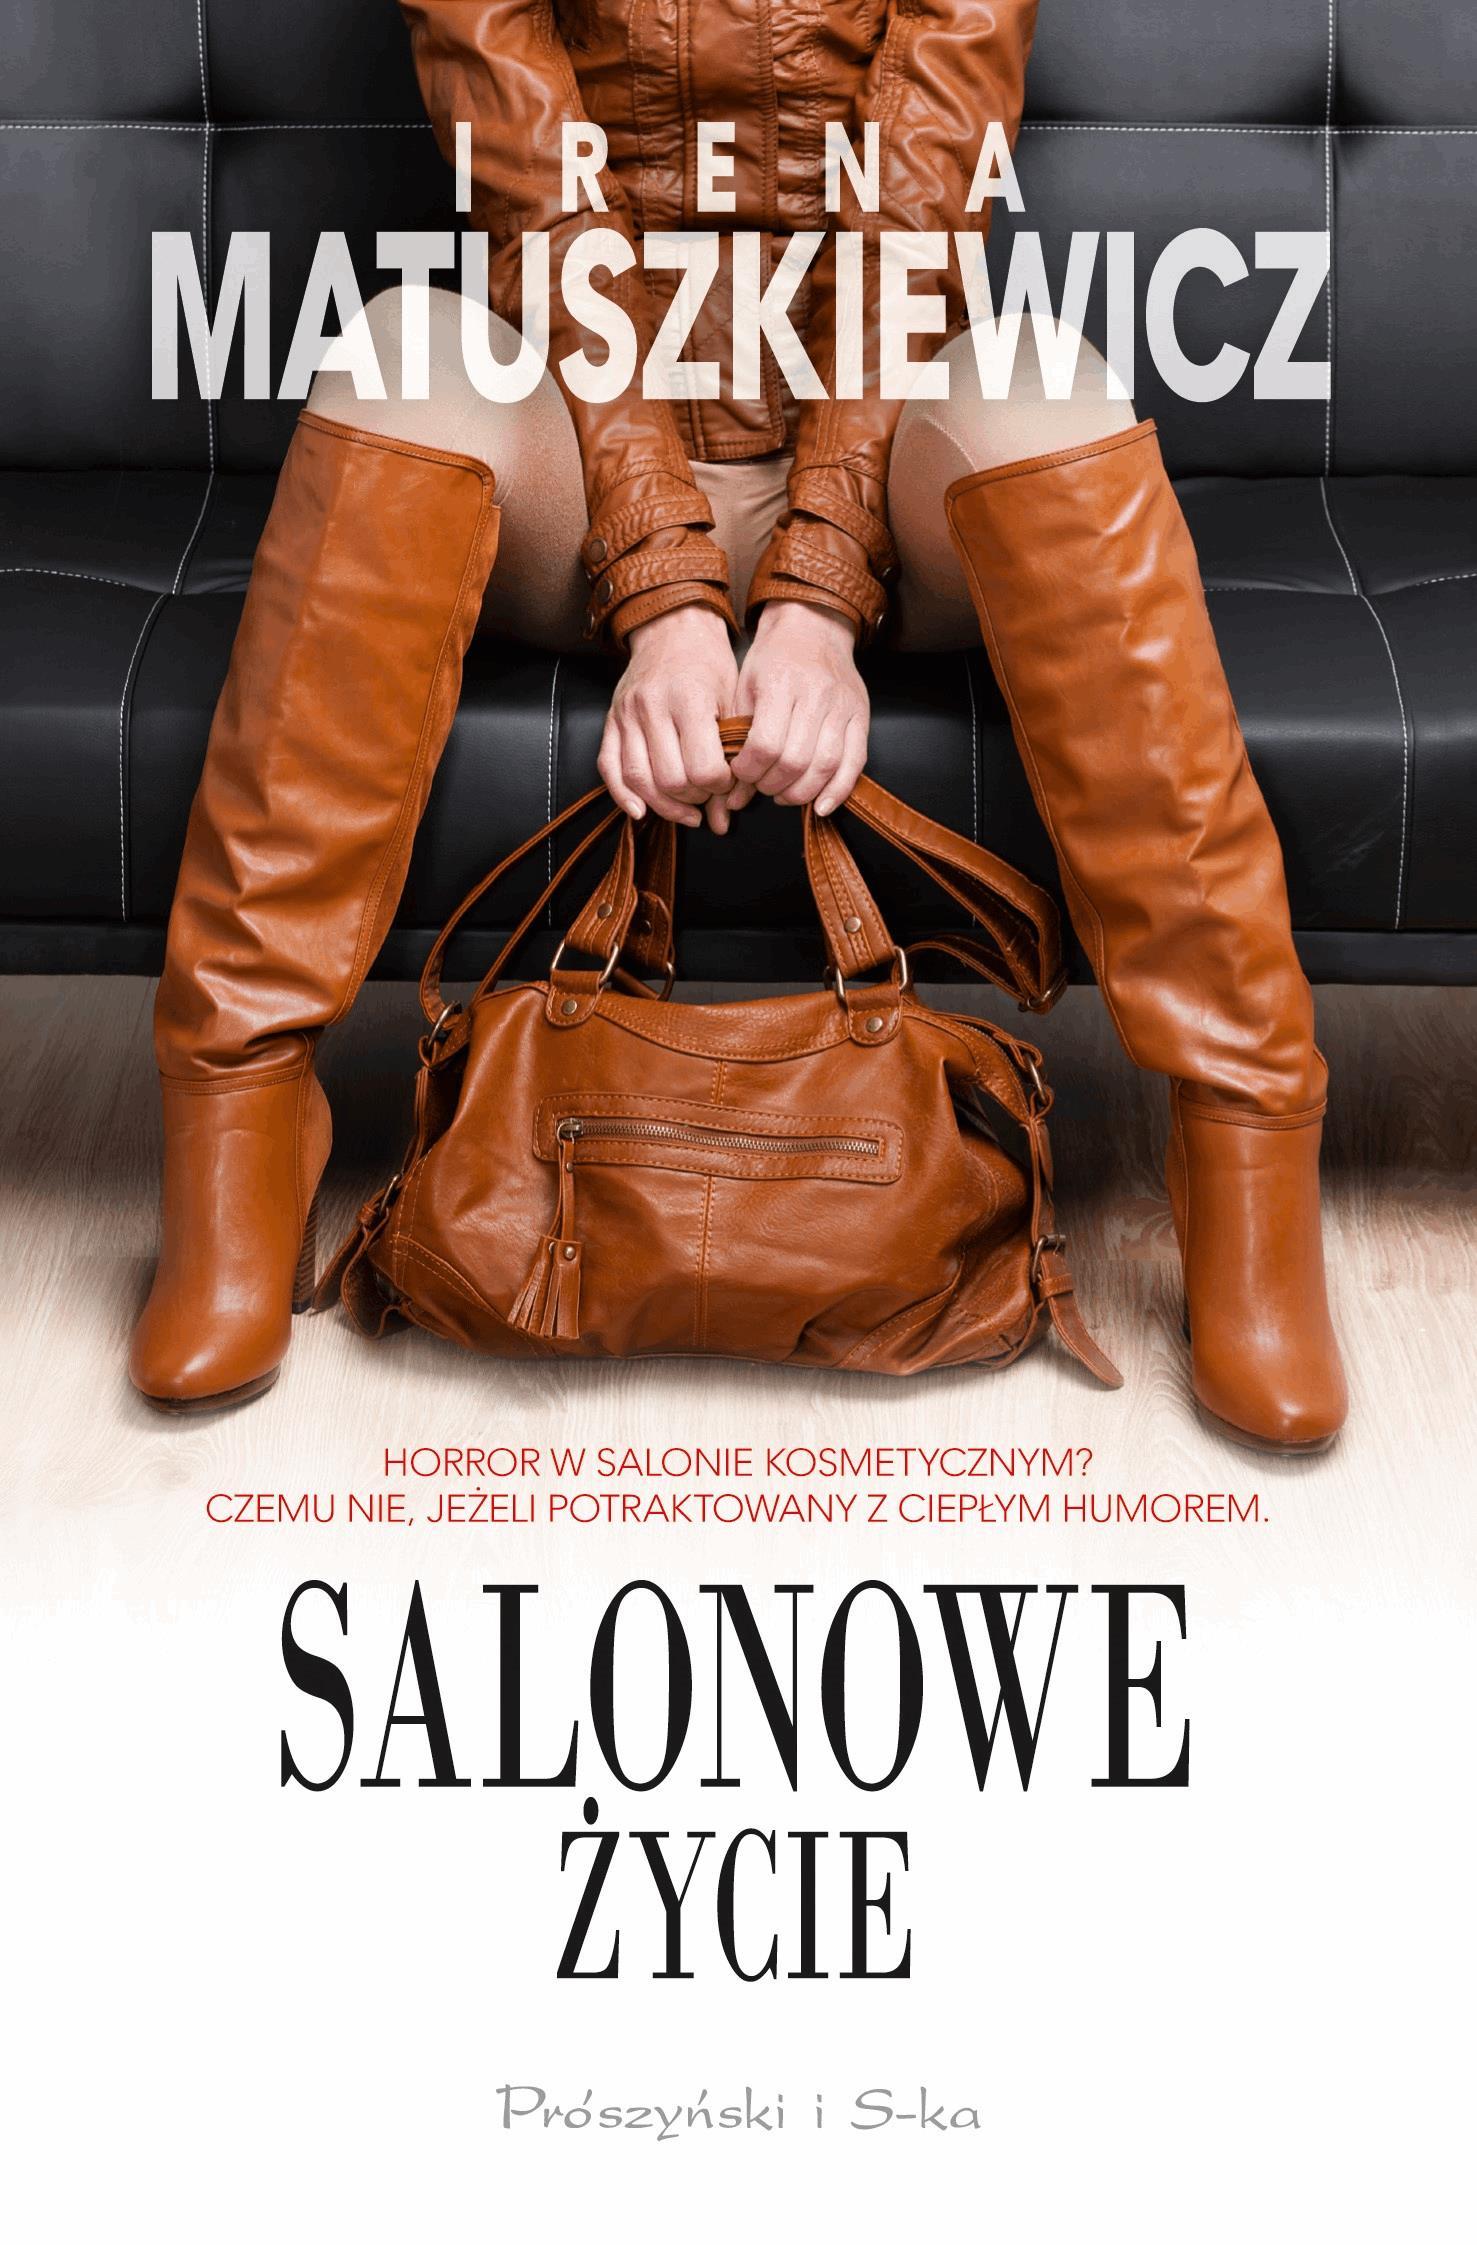 Salonowe życie - Tylko w Legimi możesz przeczytać ten tytuł przez 7 dni za darmo. - Irena Matuszkiewicz